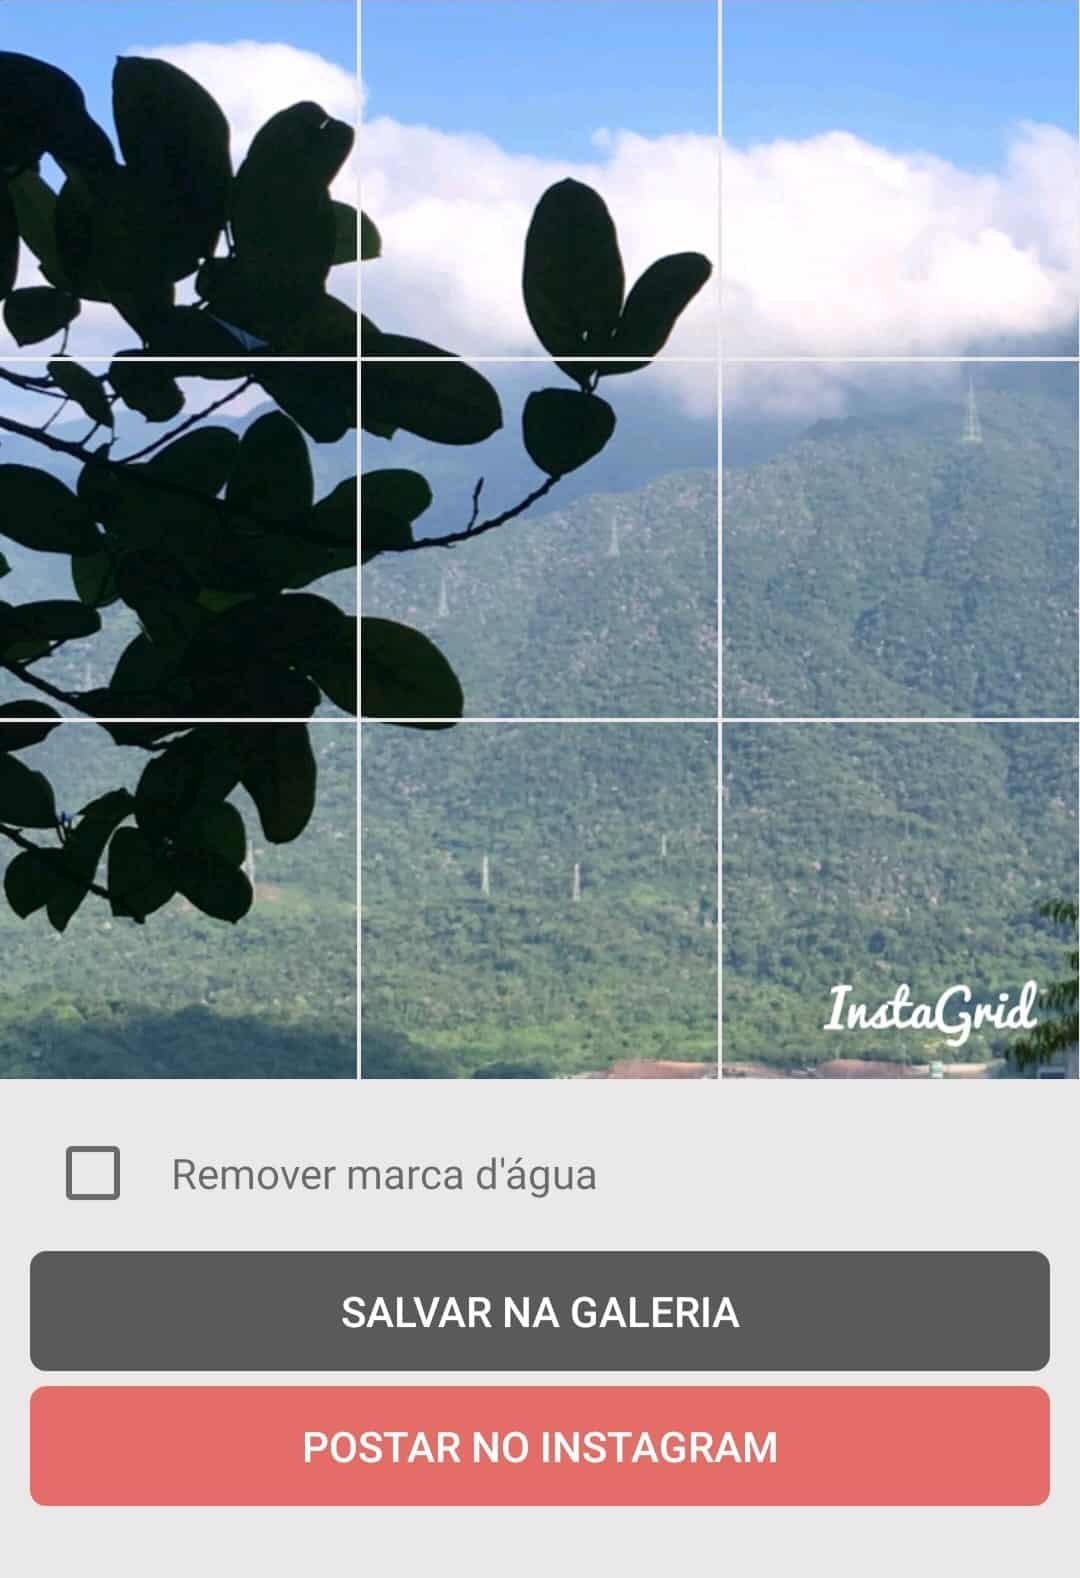 Cómo Hacer Un Mosaico Para Instagram En Su Perfil Conversion